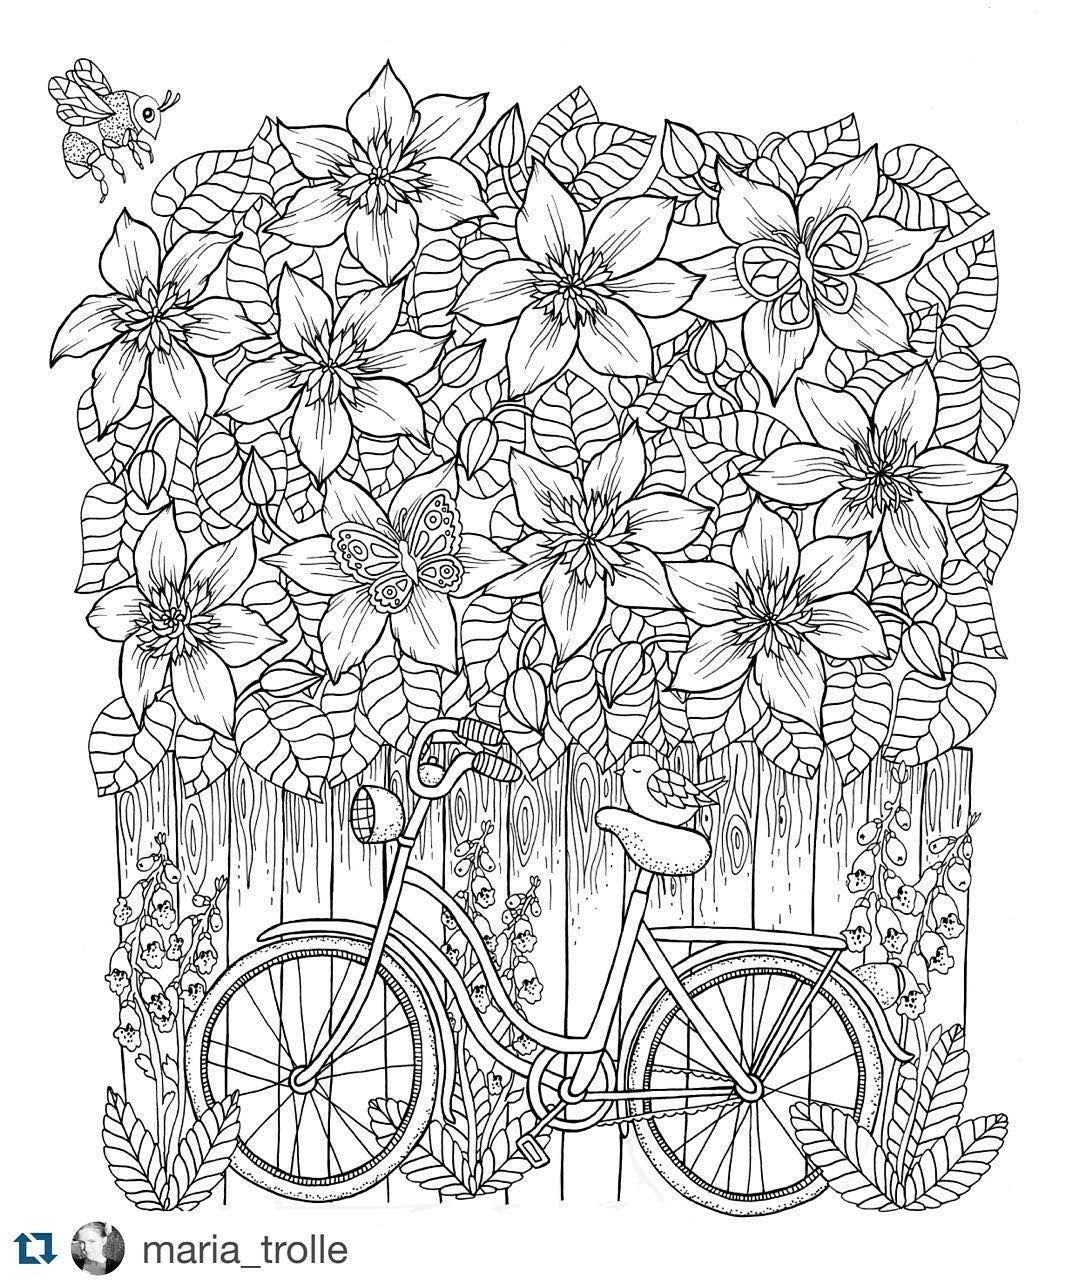 fahrrad ausmalbilder ausdrucken  best style news and